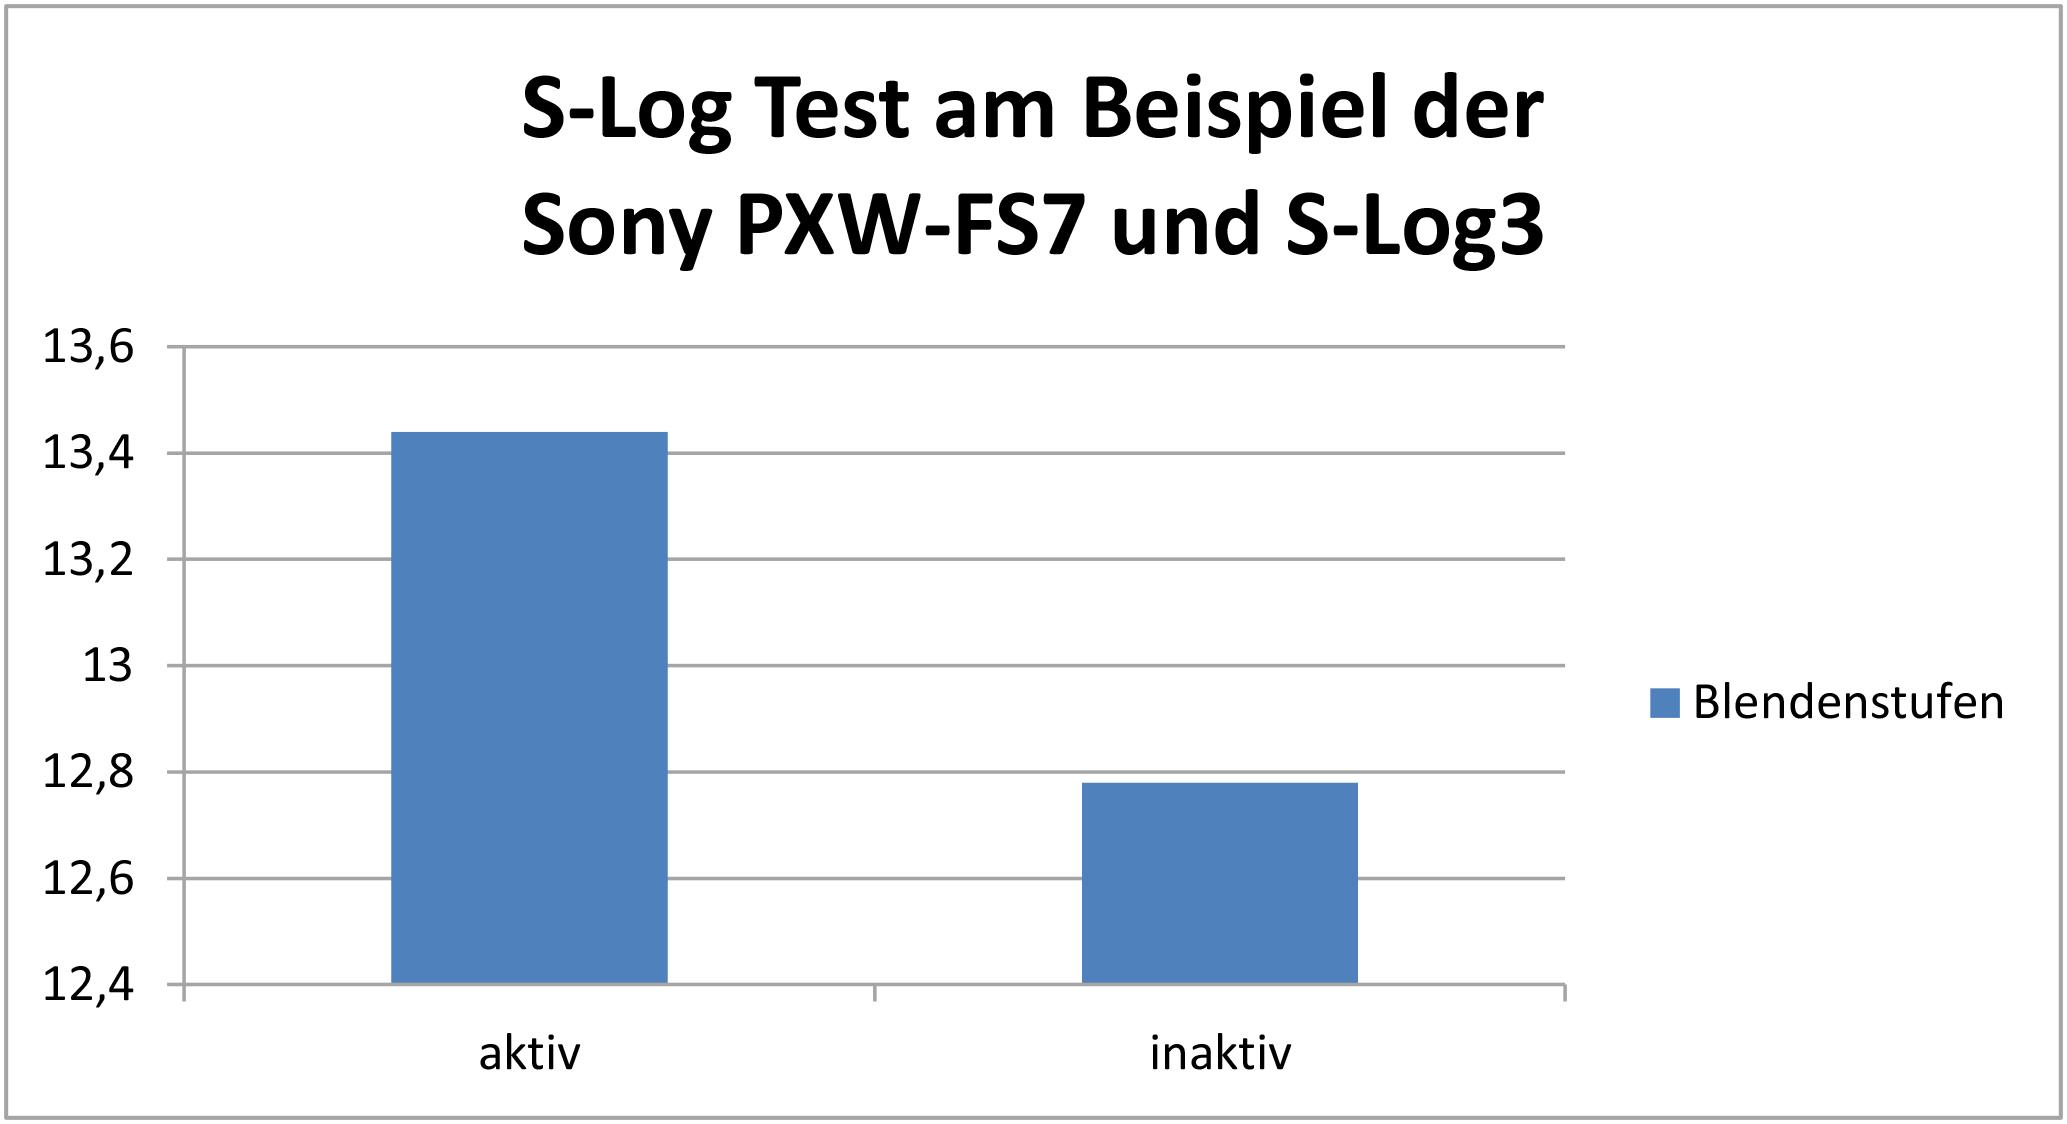 S-Log-Test am Beispiel der Sony-PXW-FS7 und S-Log3